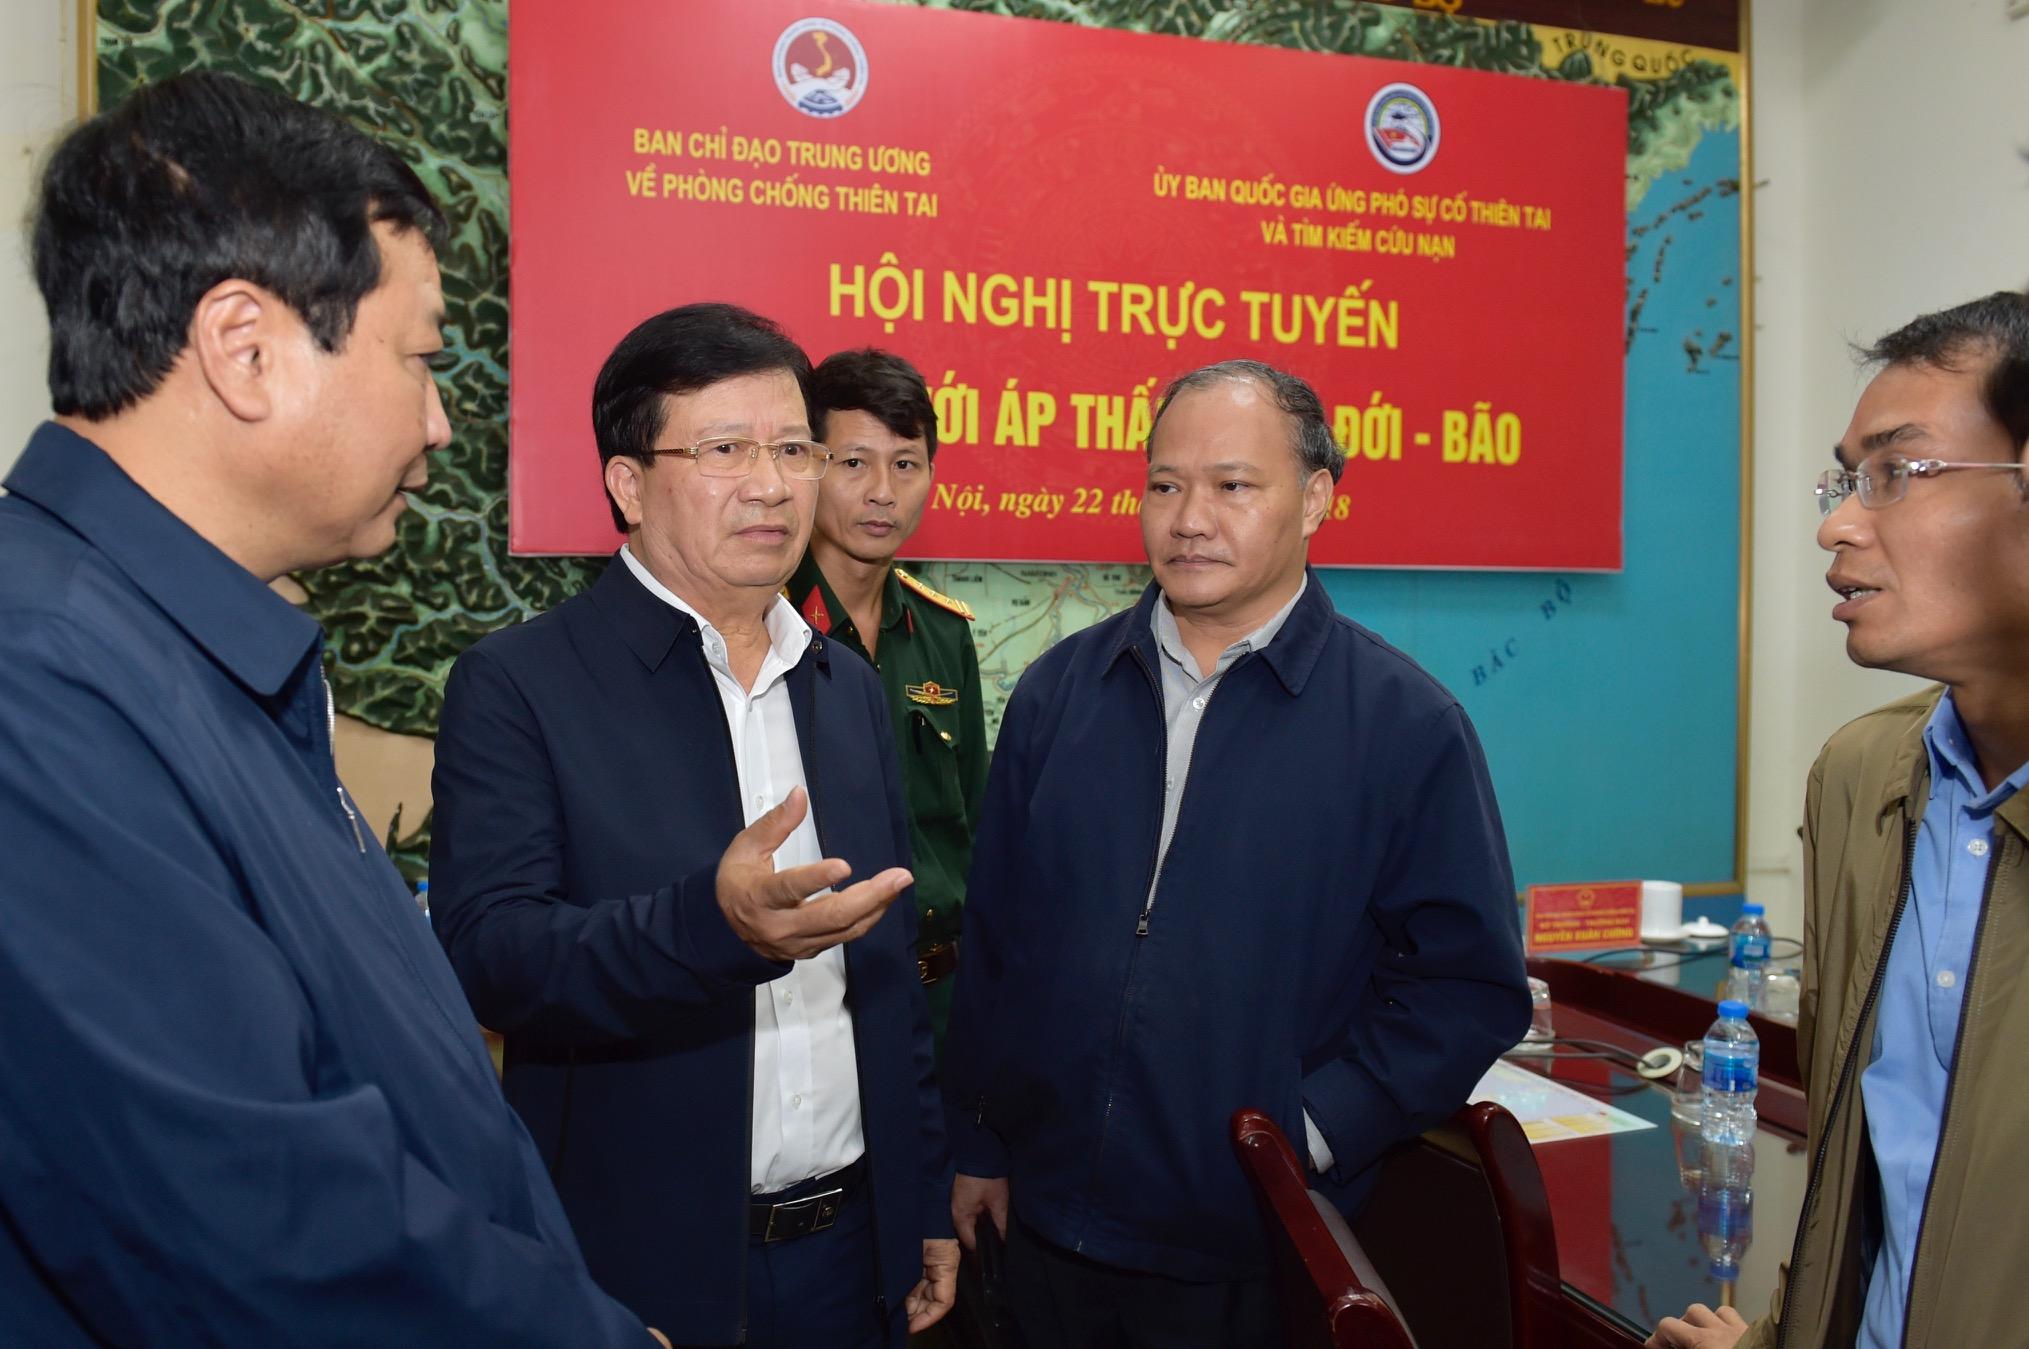 Phó Thủ tướng trao đổi với các đại biểu về tình hình và giải pháp ứng phó mưa bão. - Ảnh: VGP/Nhật Bắc